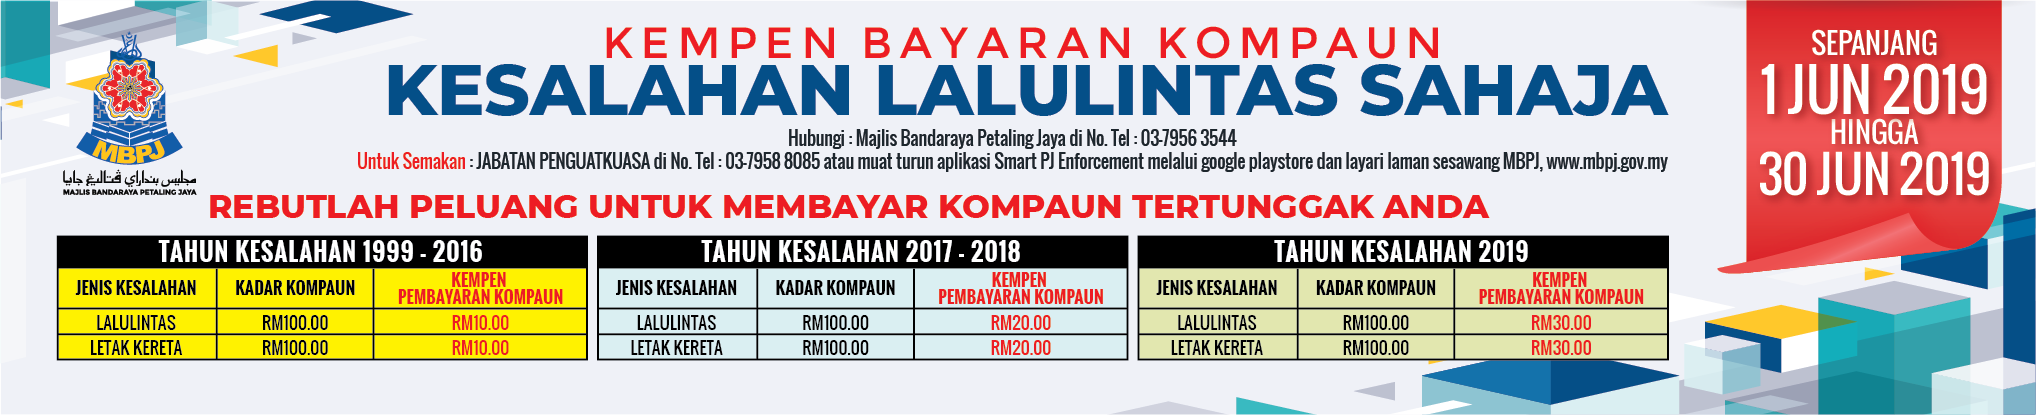 Banner Kempen Bayaran Kompaun 2019